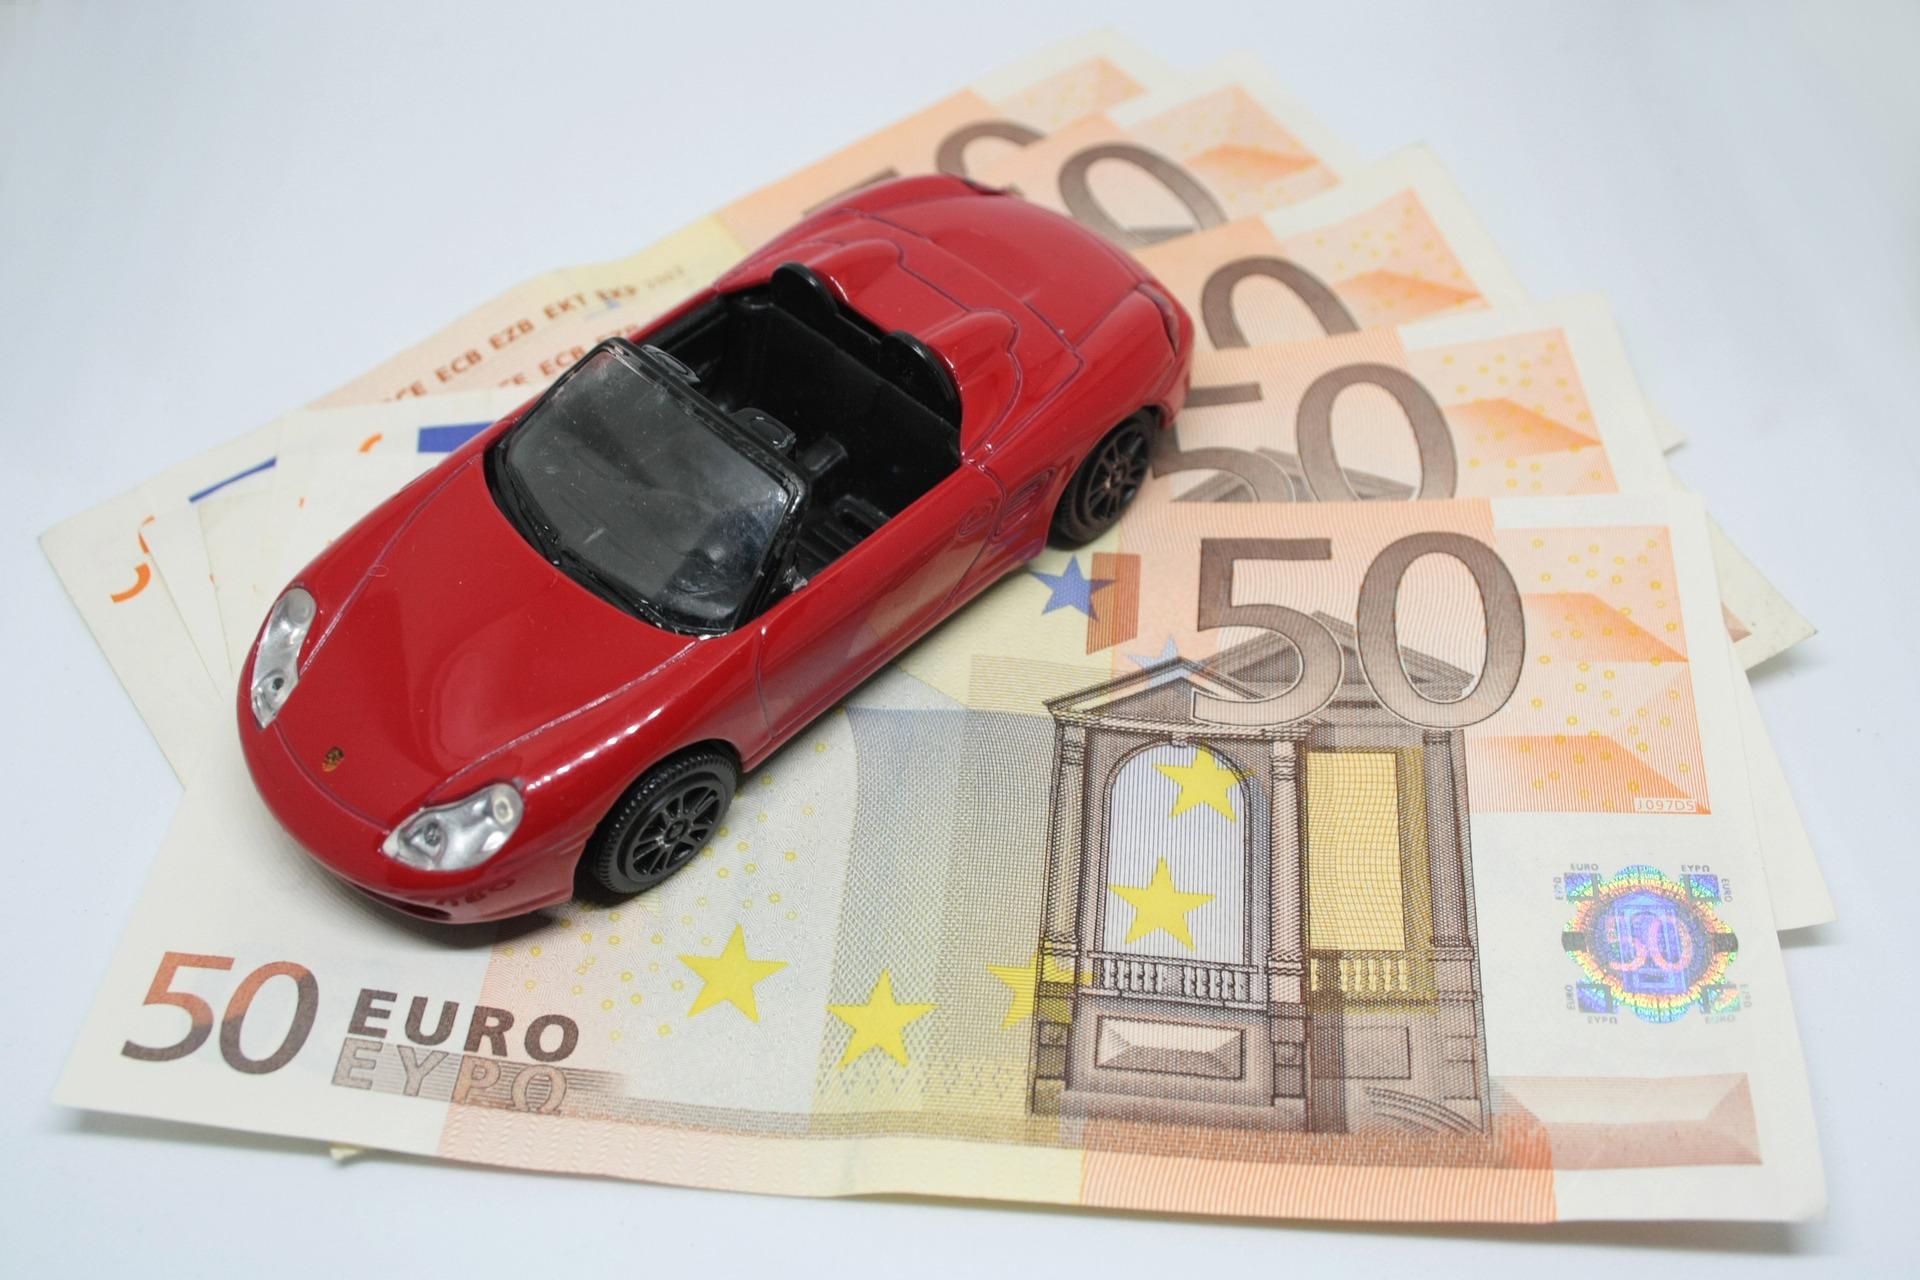 Kfz Versicherung 05/2020 ⧨ Vergleichen und bis zu 989 Euro sparen